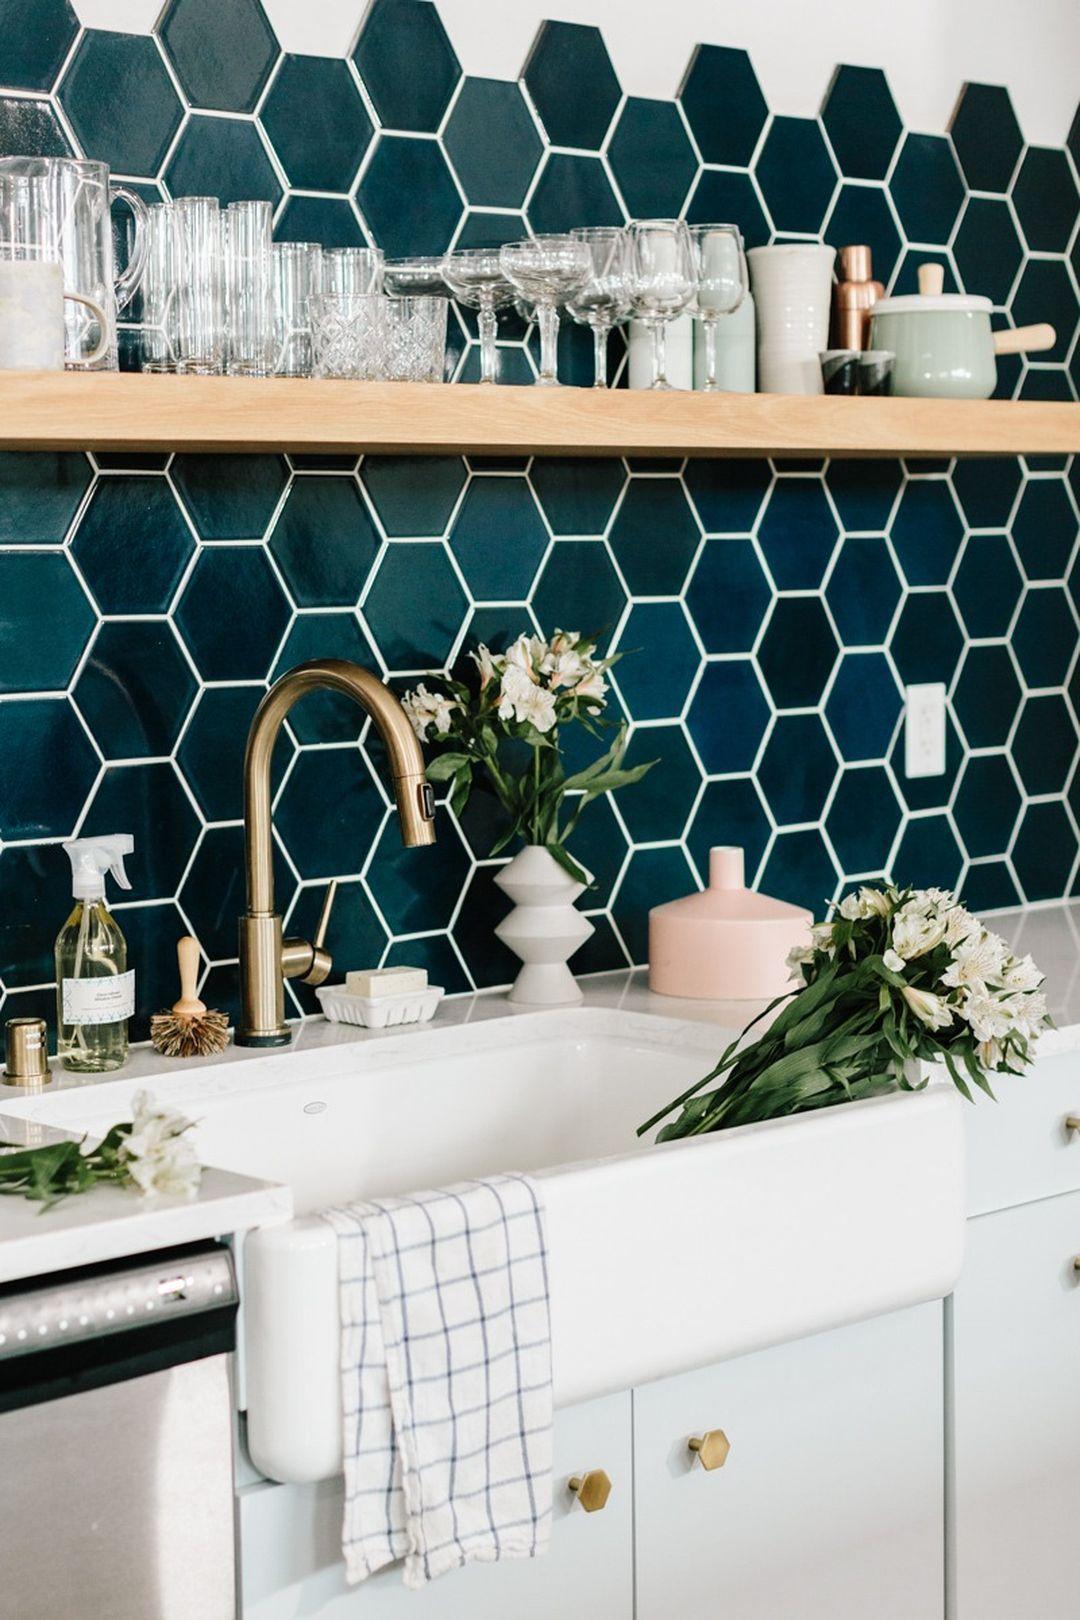 Amazing Kitchen Tile Backsplash With Brass Schluter Strips